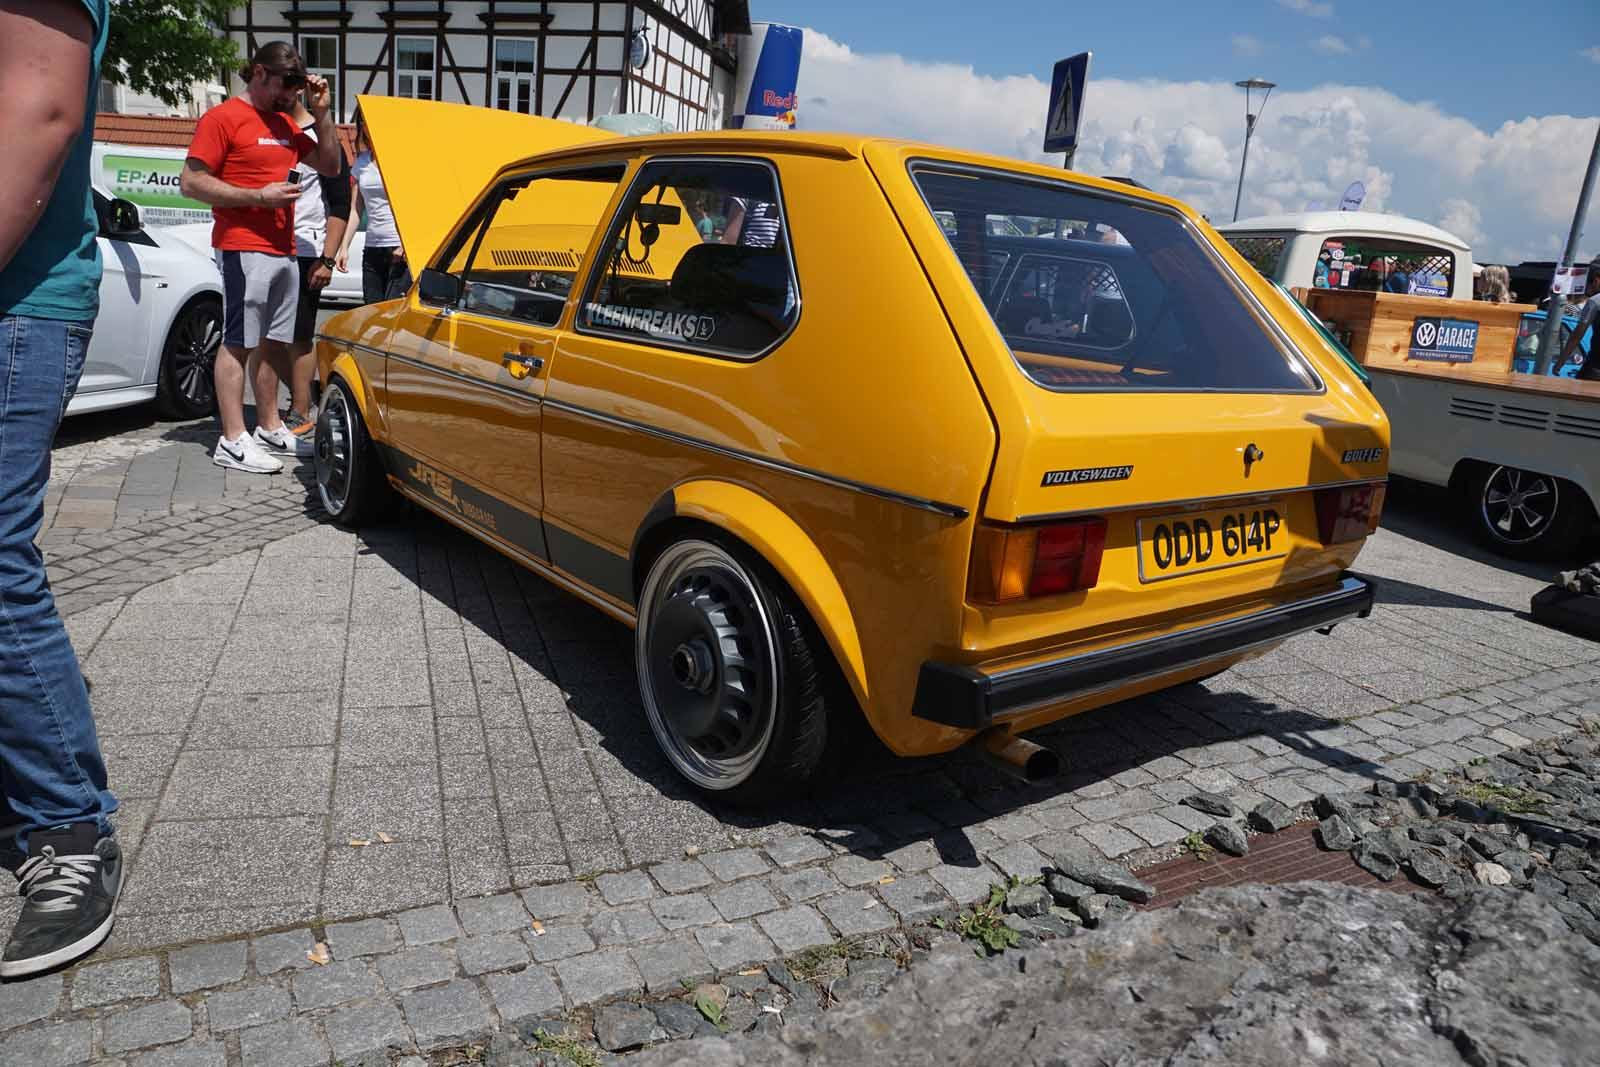 Audi Toms Dalston Sunglasses 4500032145 289